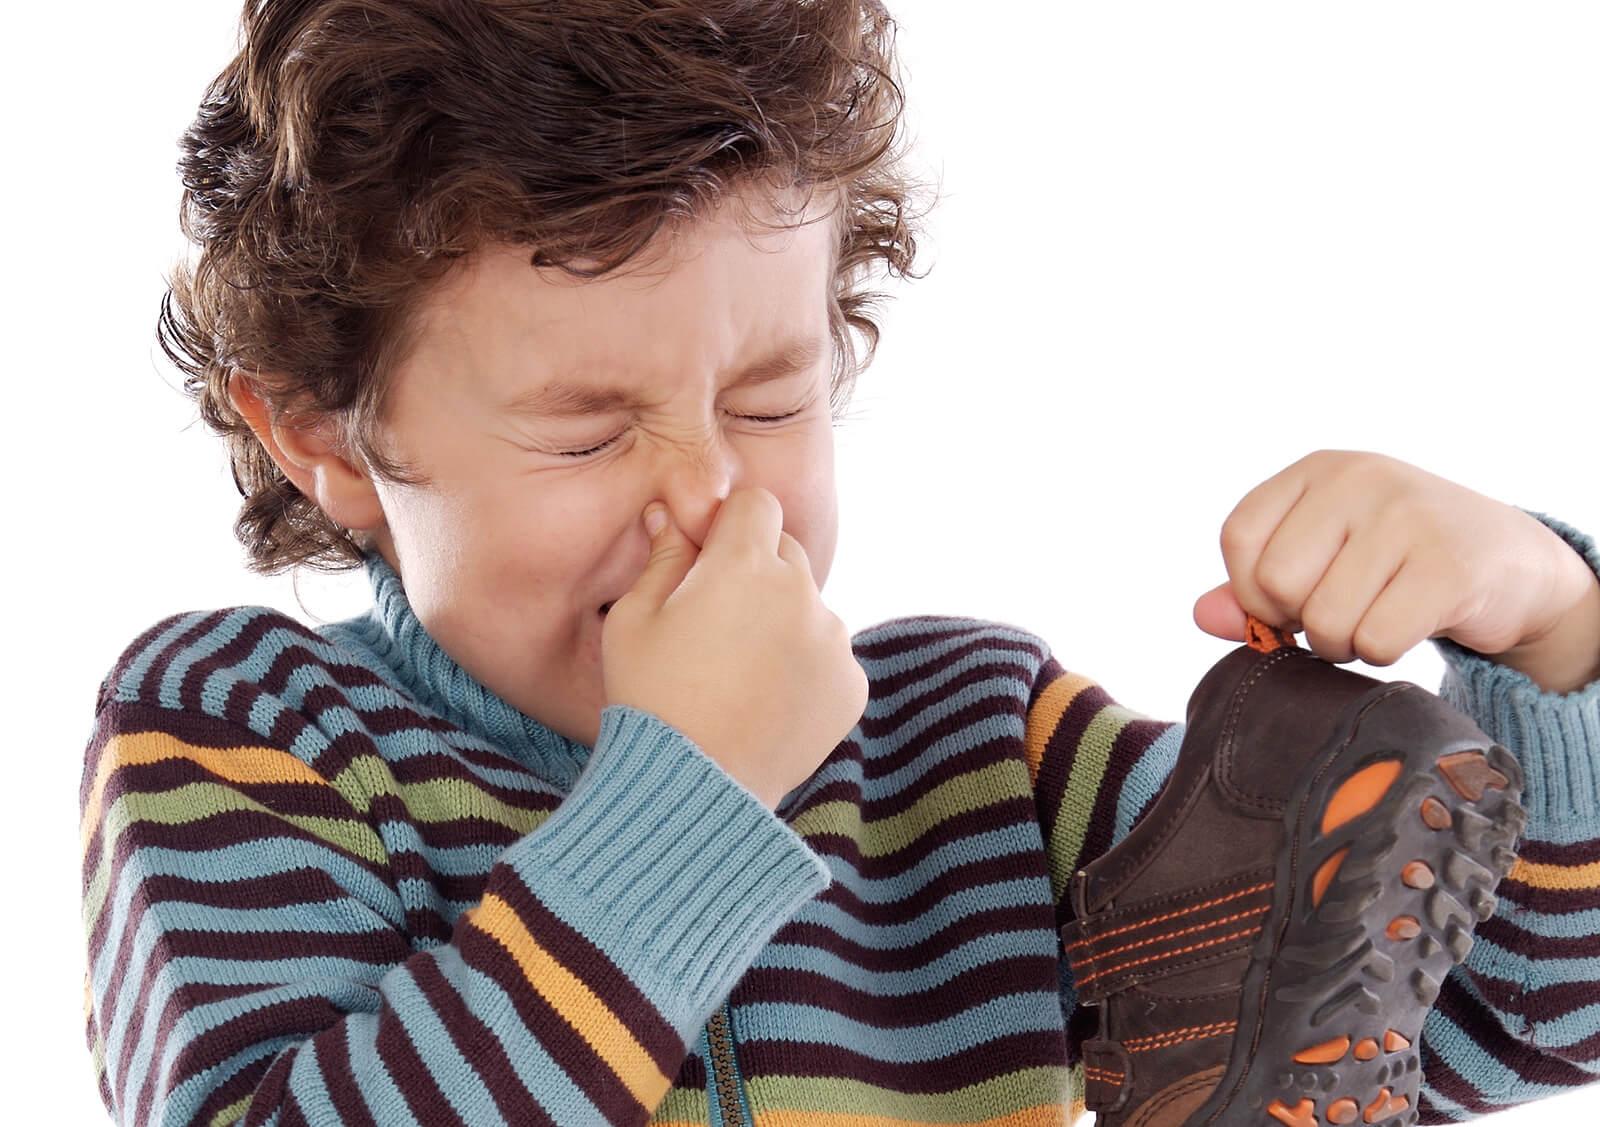 Niño con la nariz tapada debido a que sus zapatos huelen muy mal.